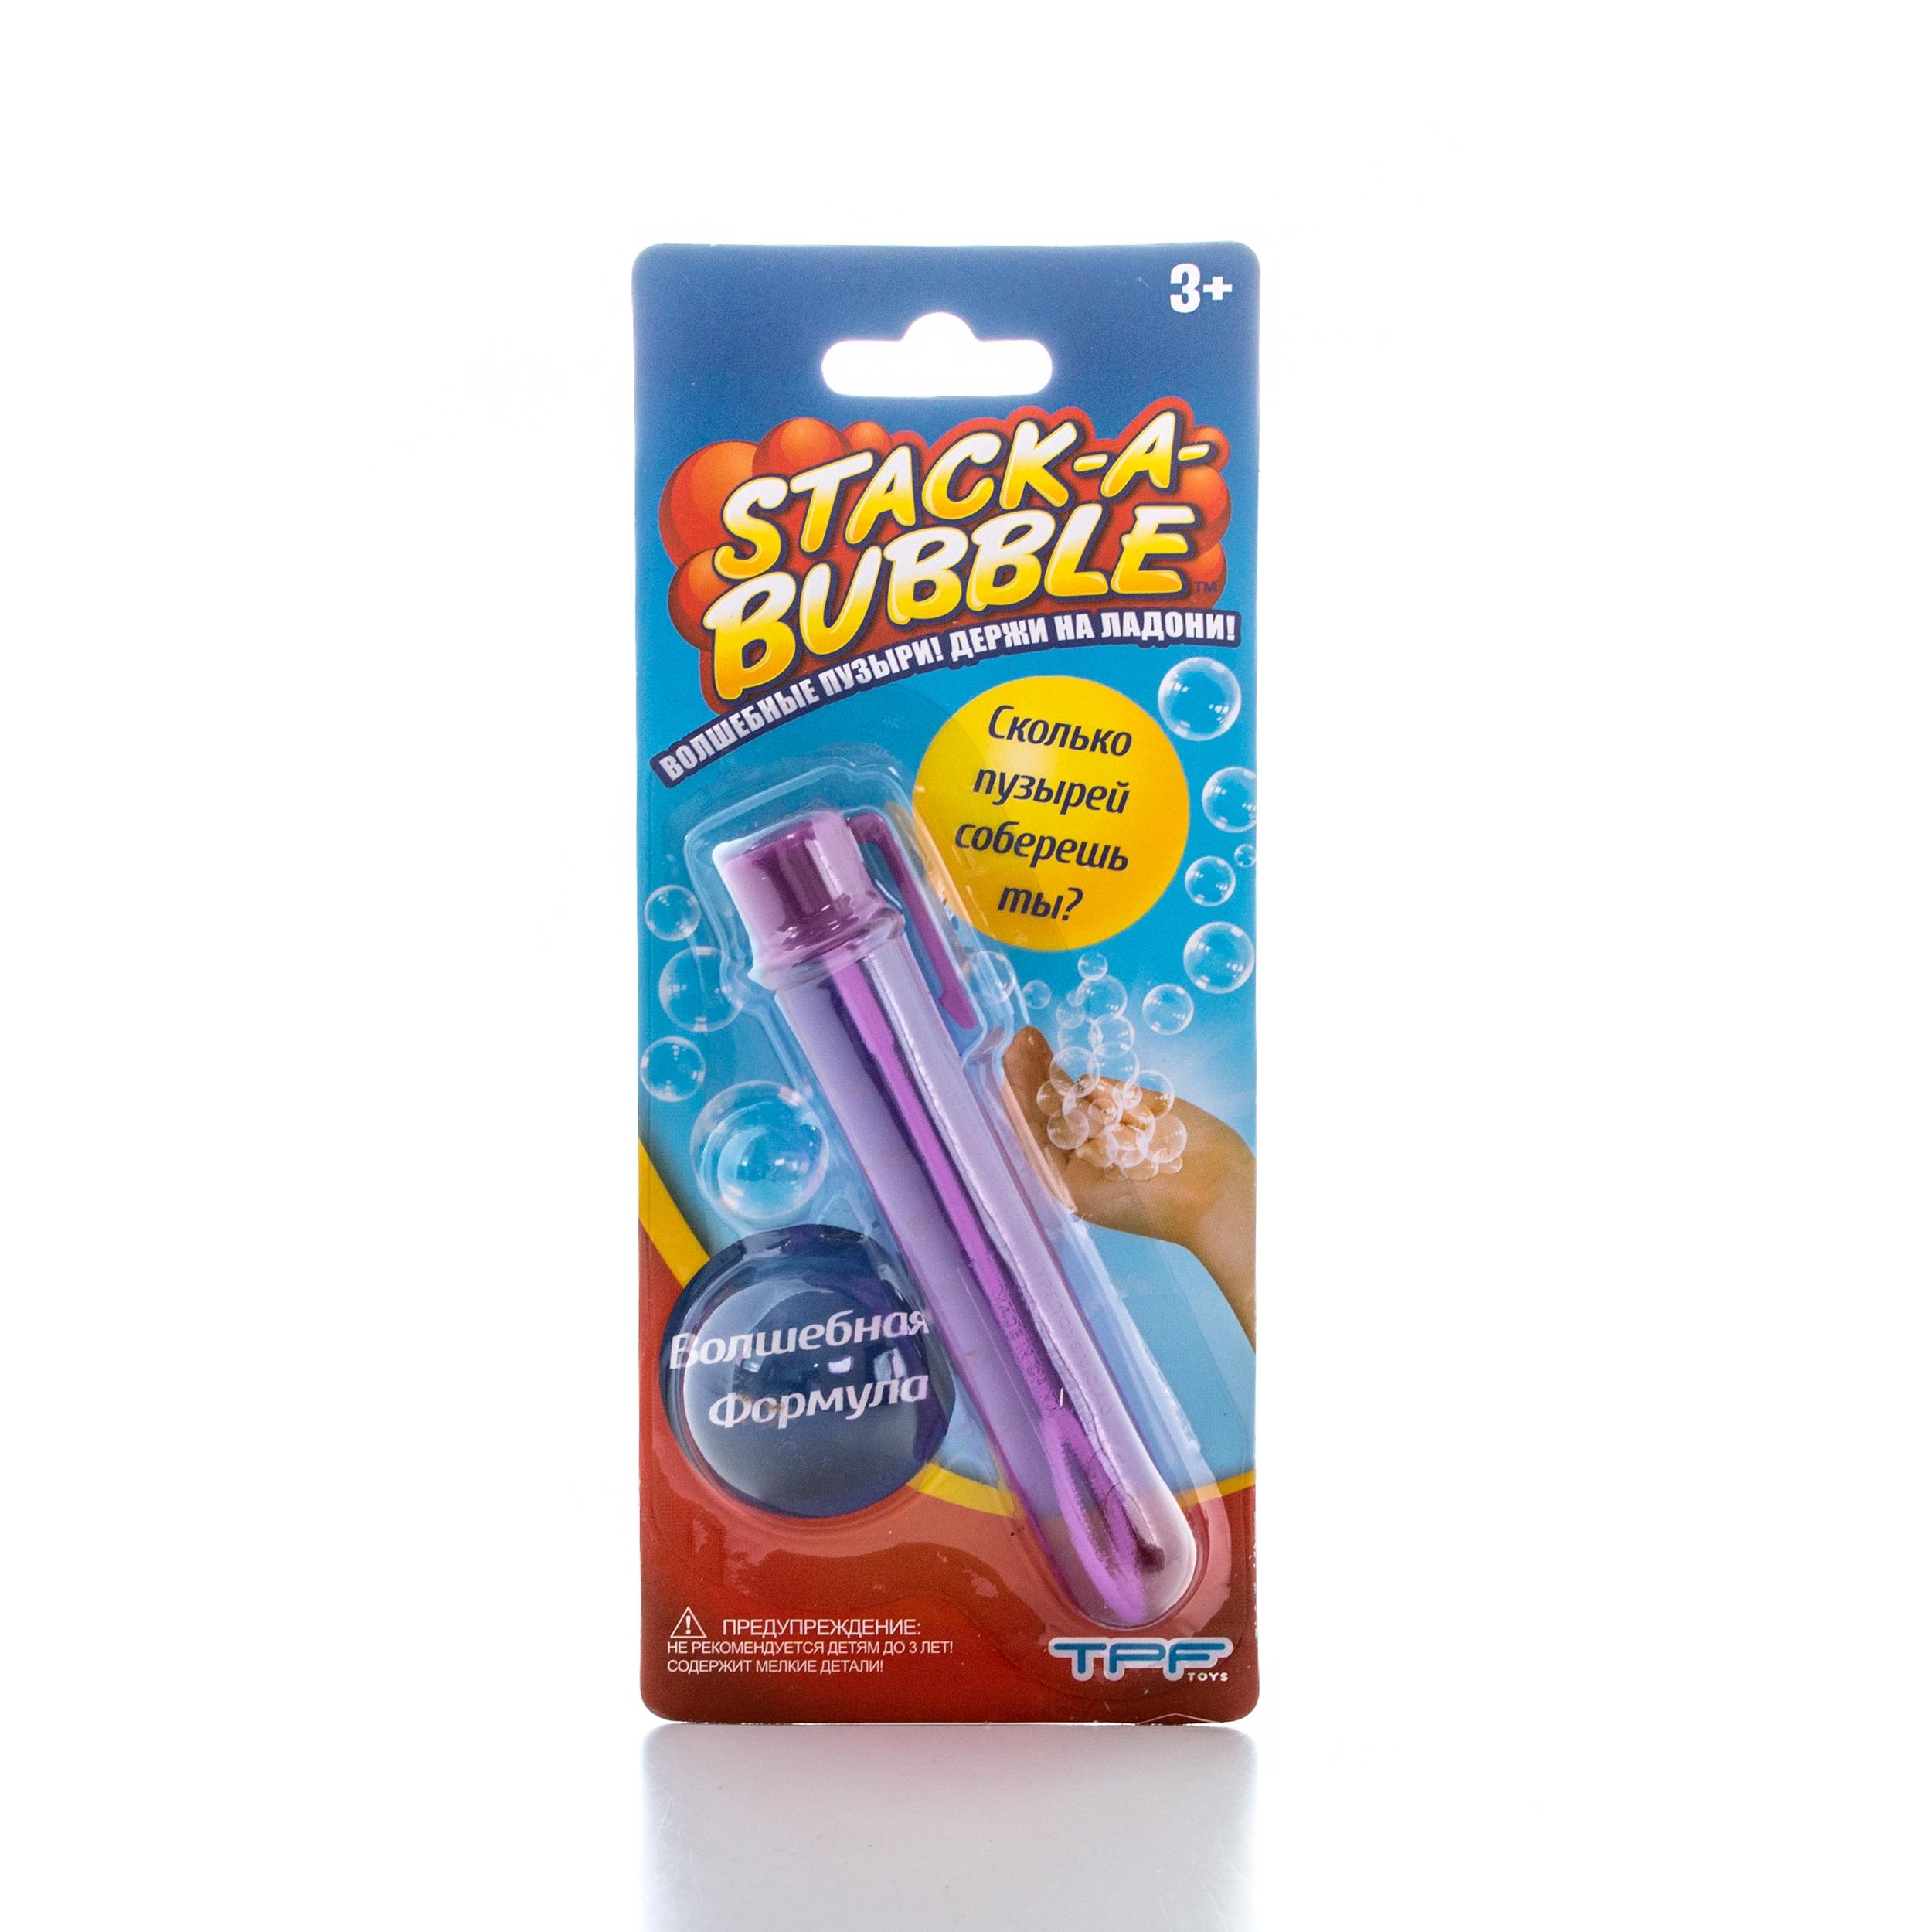 Мыльные пузыри Stack-A-Bubble застывающие, 22 мл. stack a bubble мыльные пузыри застывающие цвет фиолетовый 45 мл